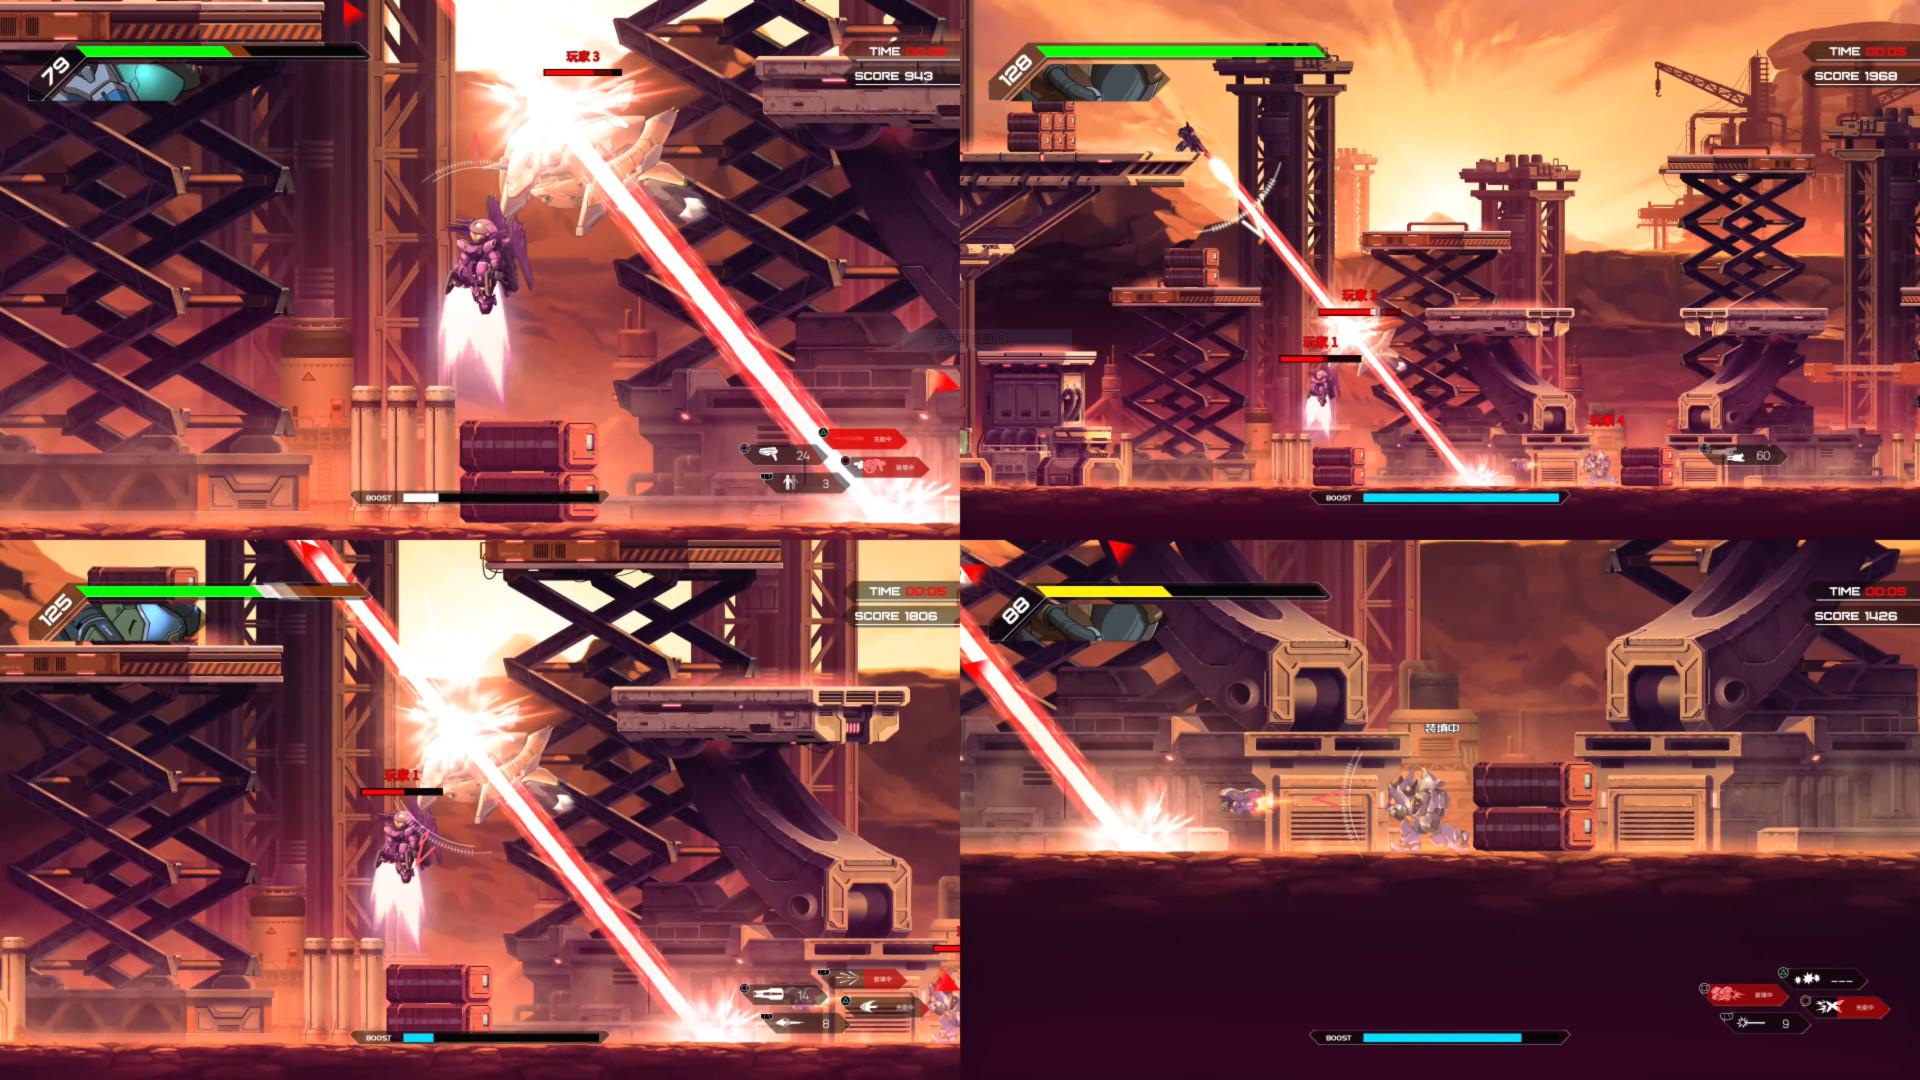 国产游戏《硬核机甲》加入中文语音 开启促销活动